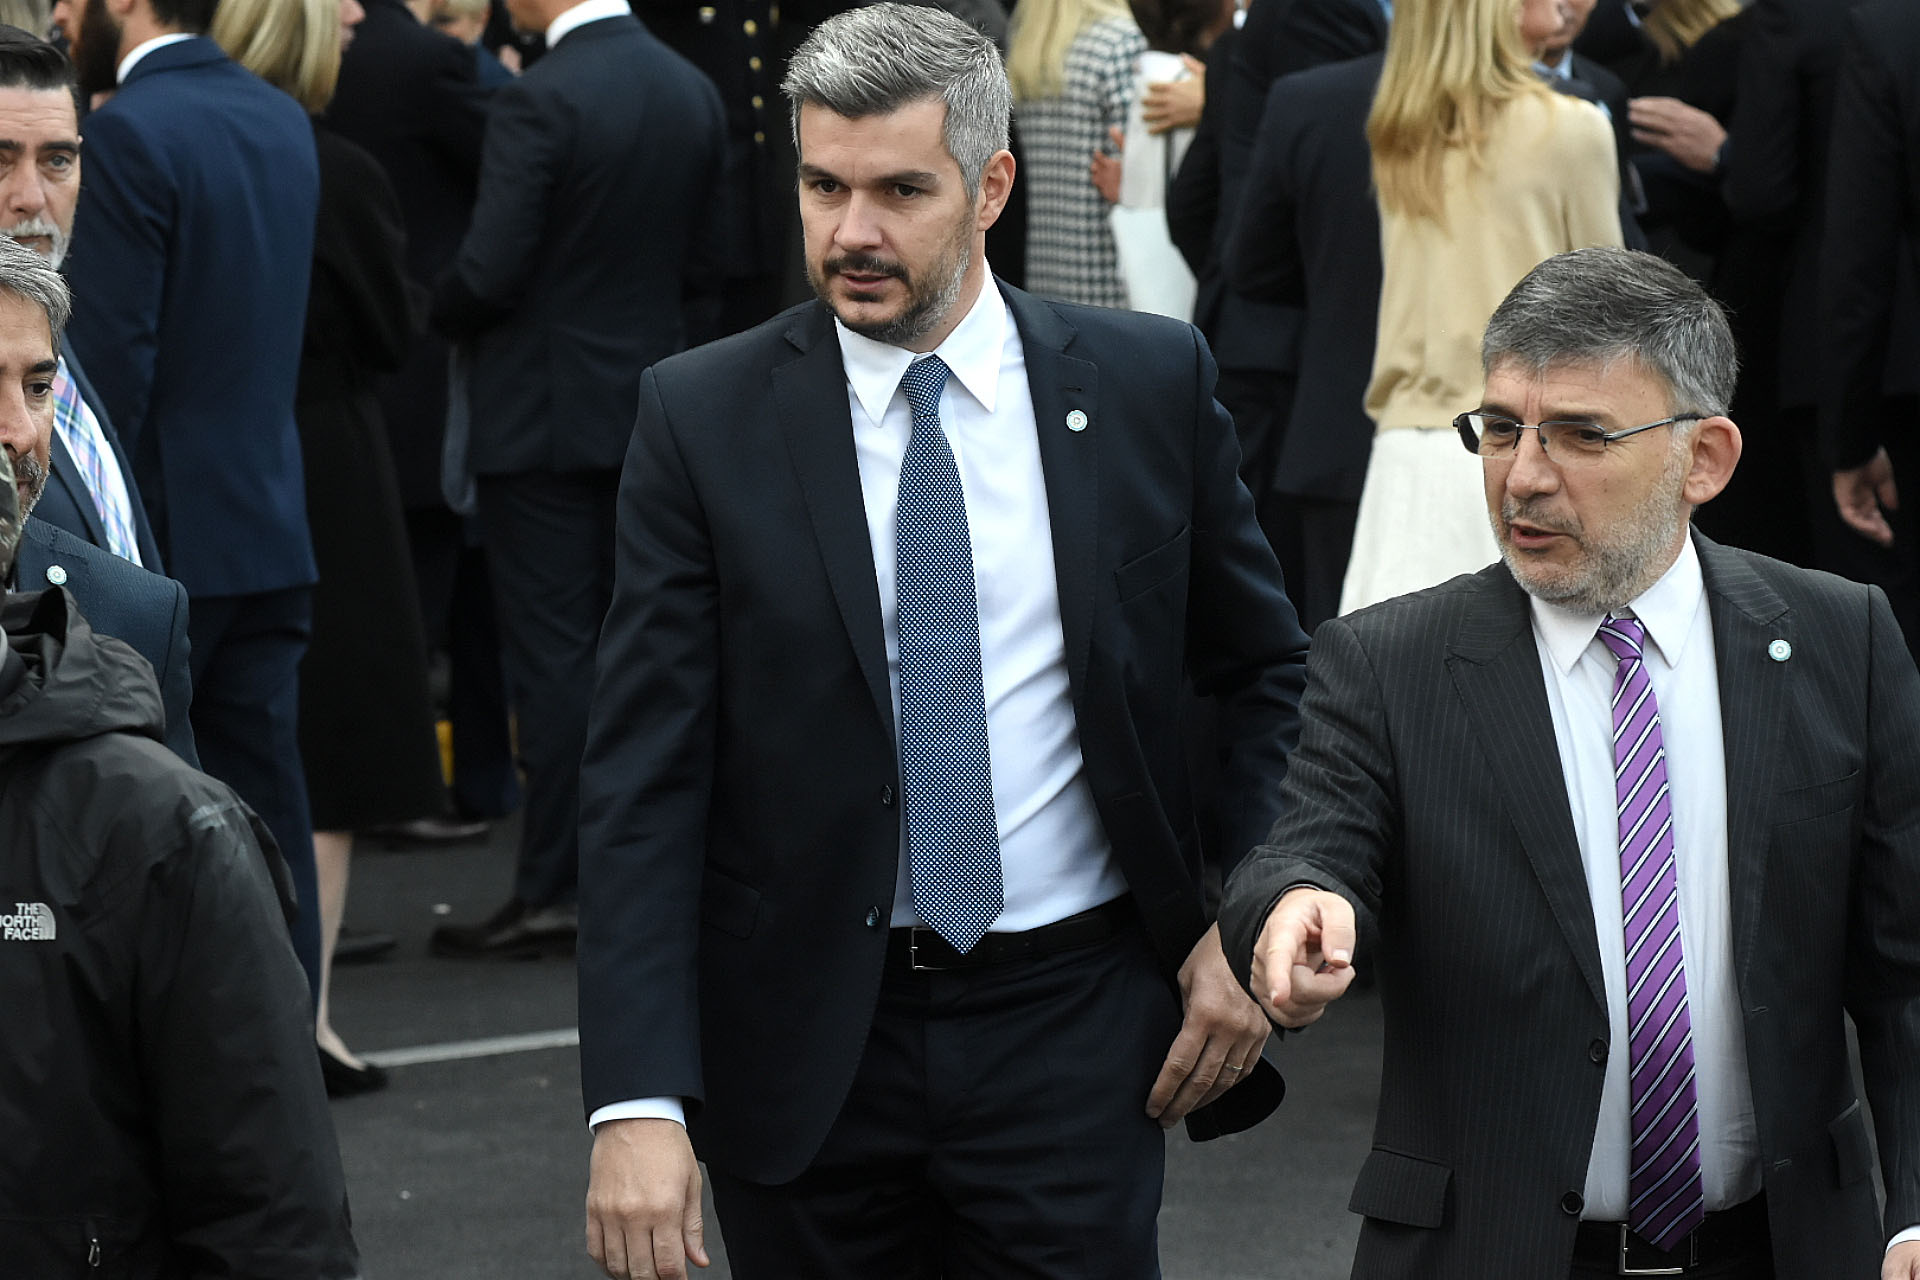 El Jefe de Gabinete, Marcos Peña, antes de ingresar a la Catedral Metropolitana